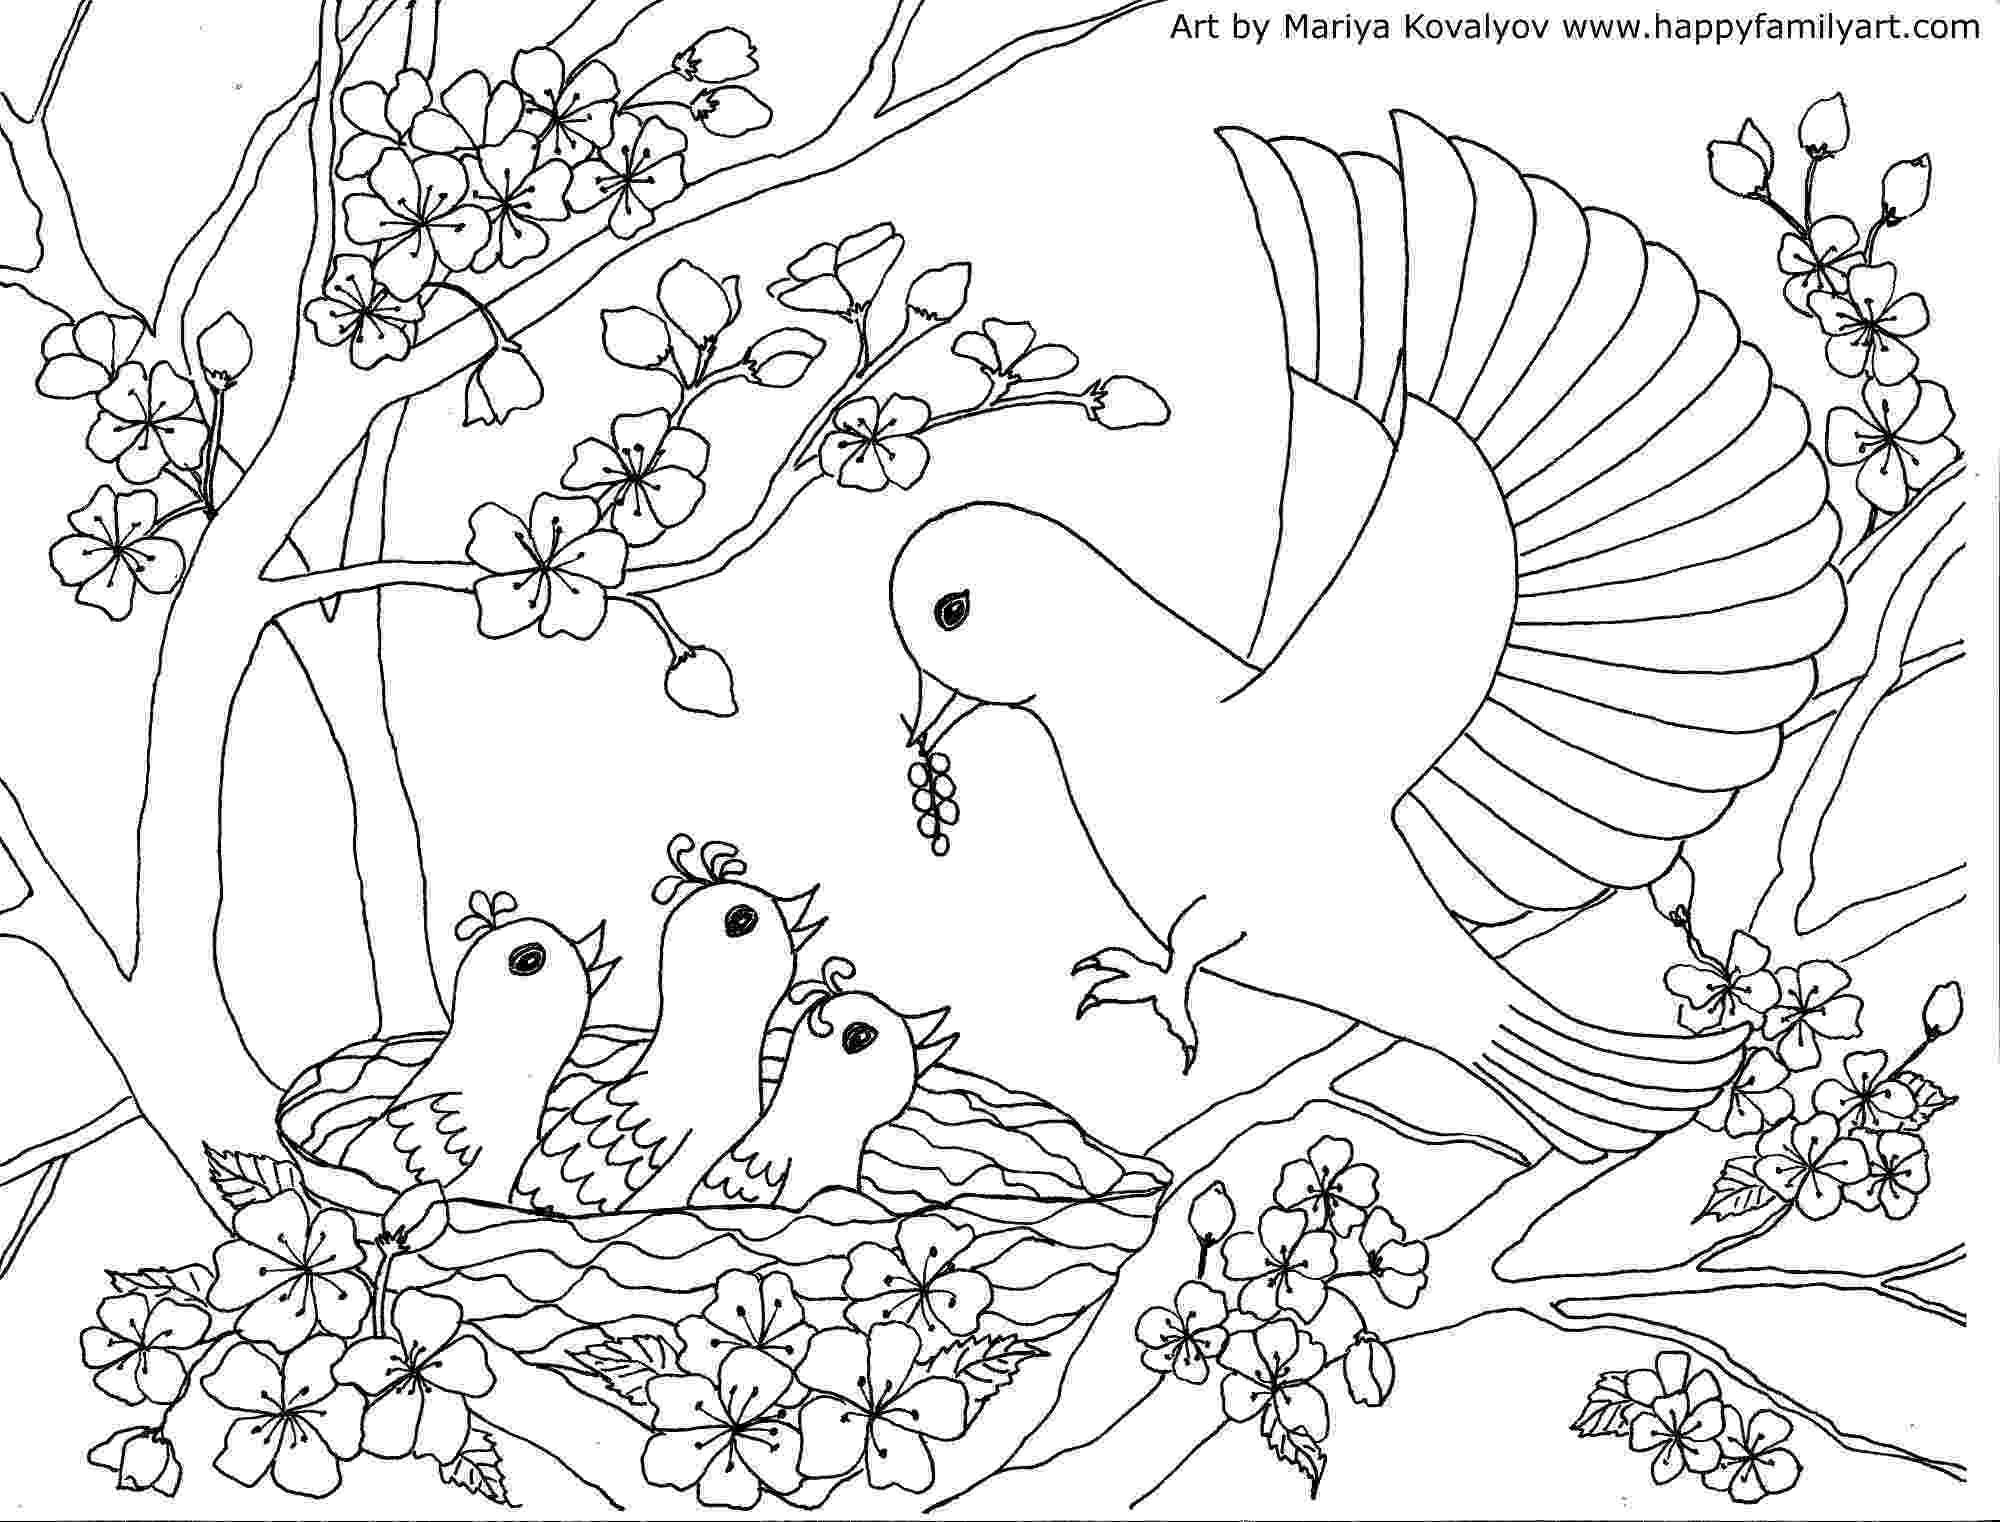 cockatiel coloring pages birds coloring page happy family art cockatiel coloring pages